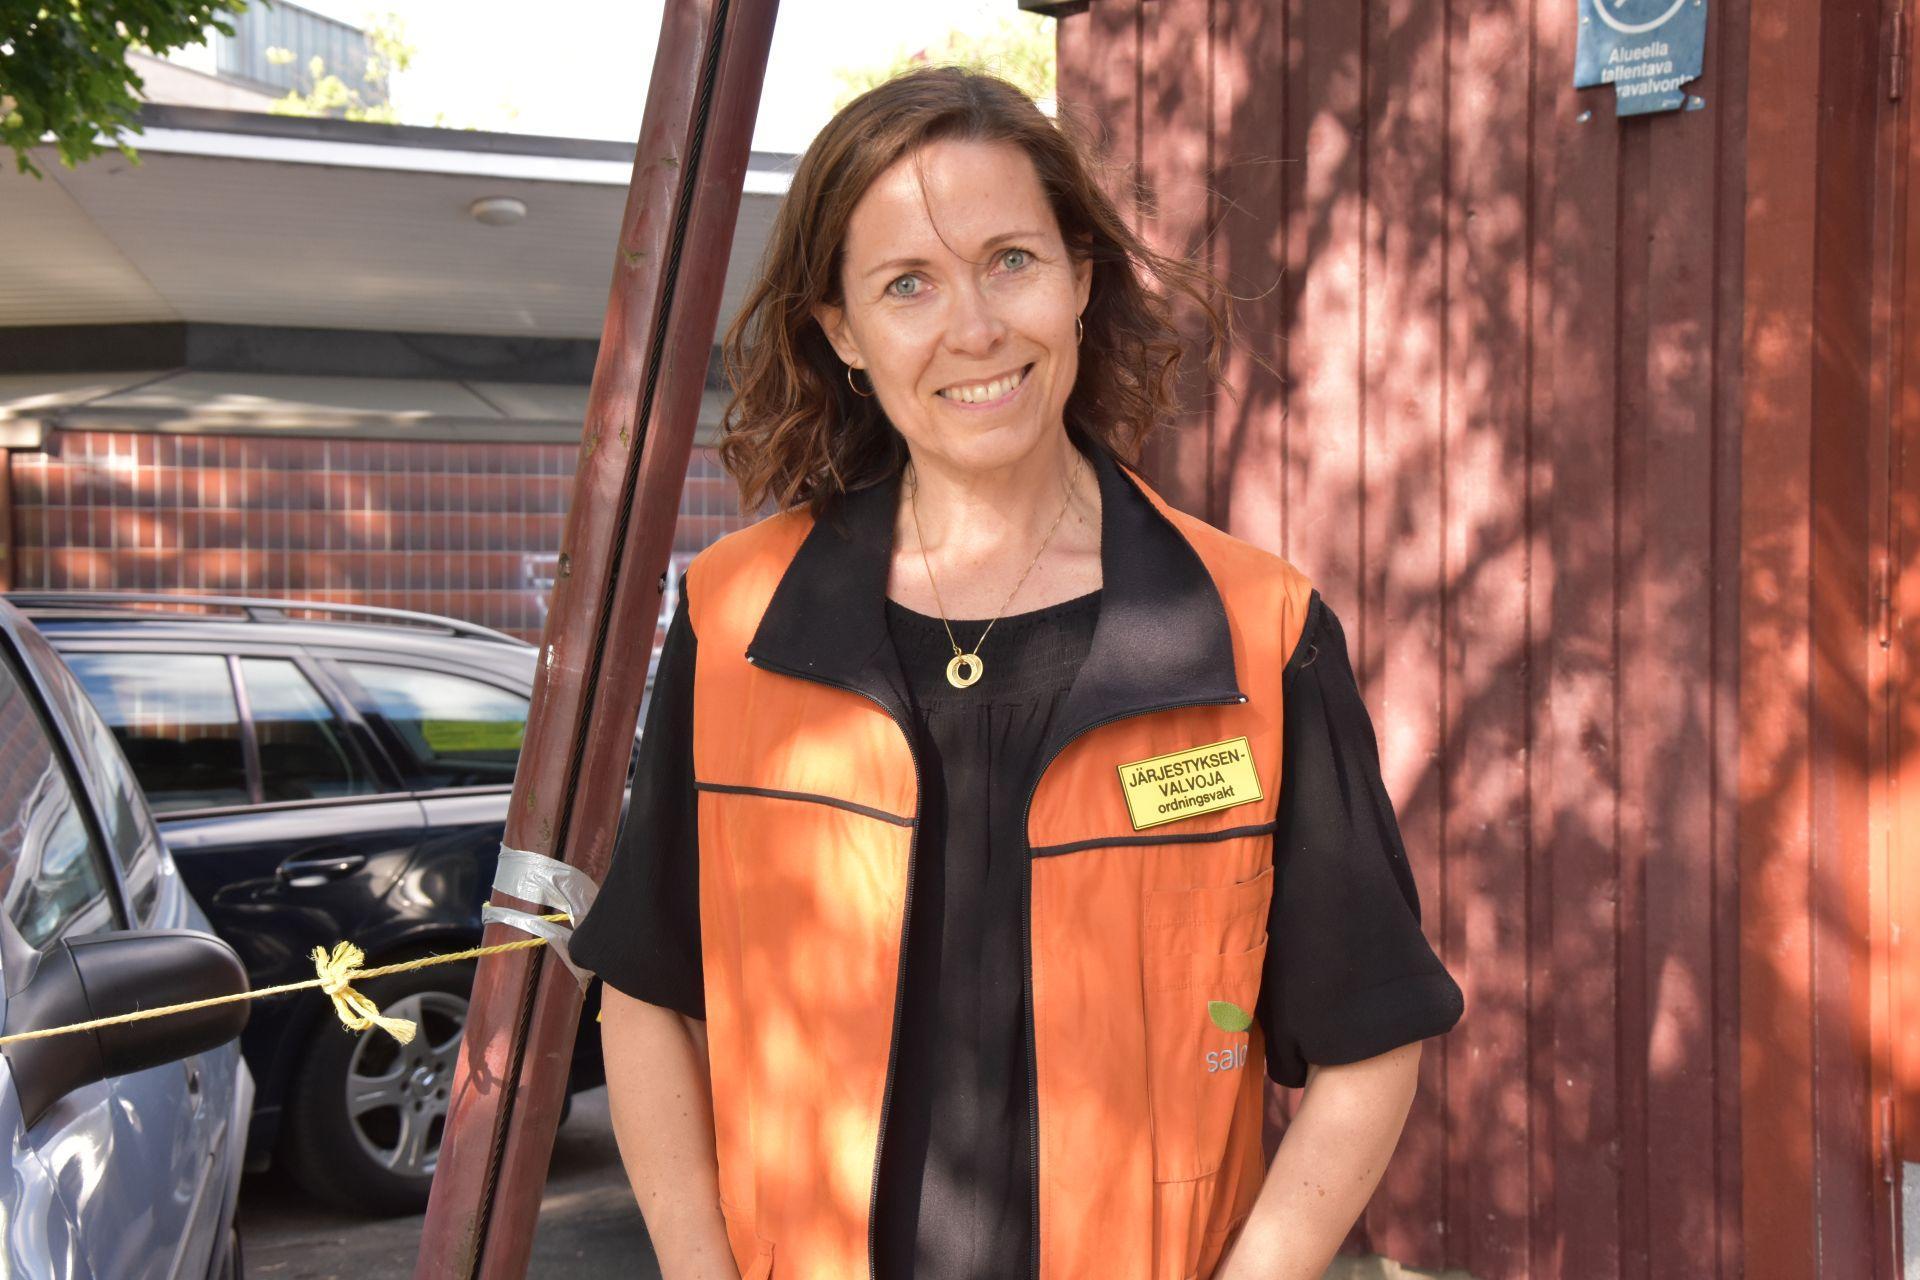 En kvinna i en orange säkerhetsväst lär in i kameran.